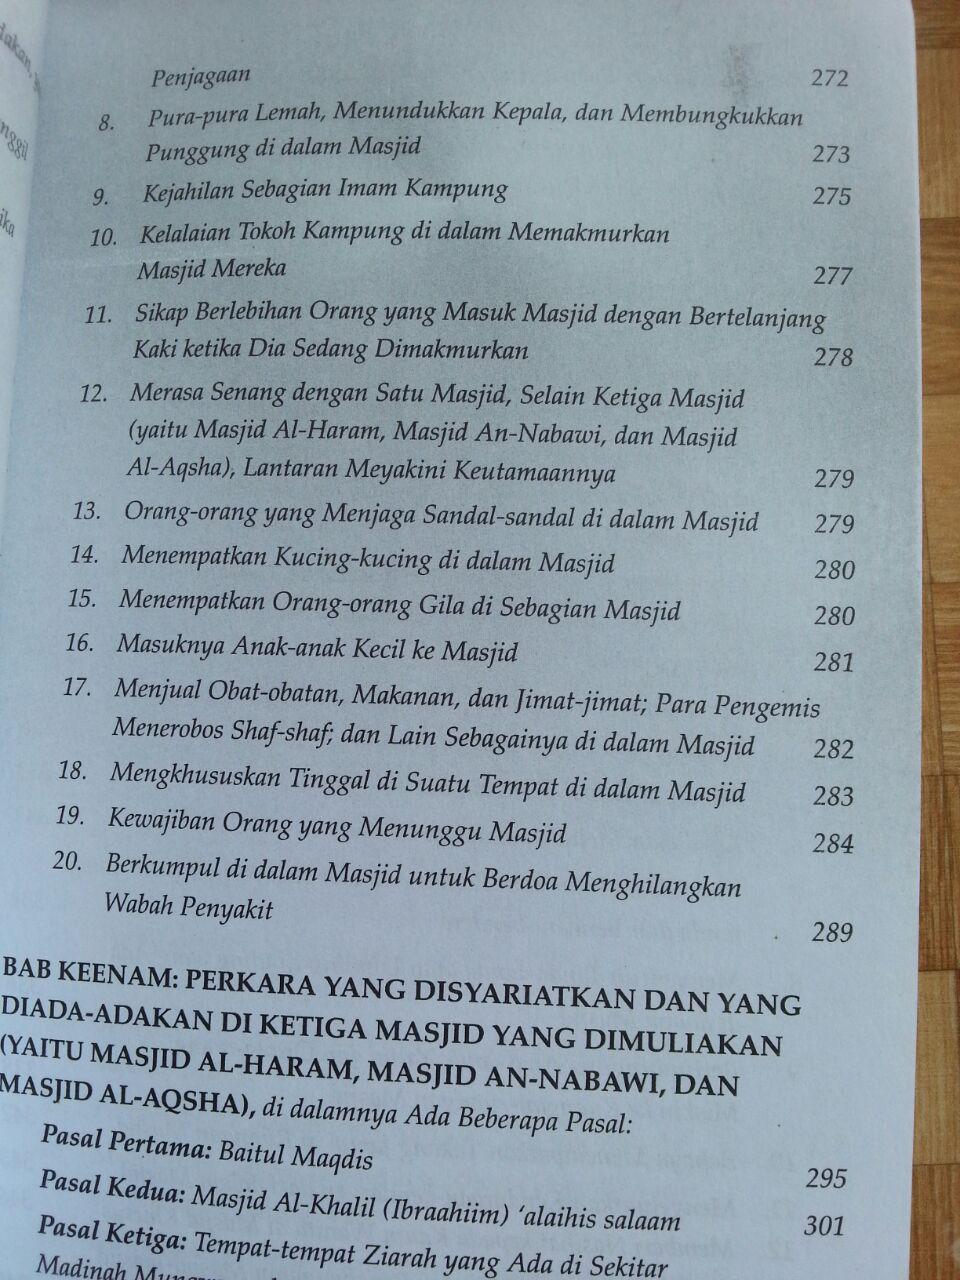 Buku Bidah-bidah dalam Masjid isi 2